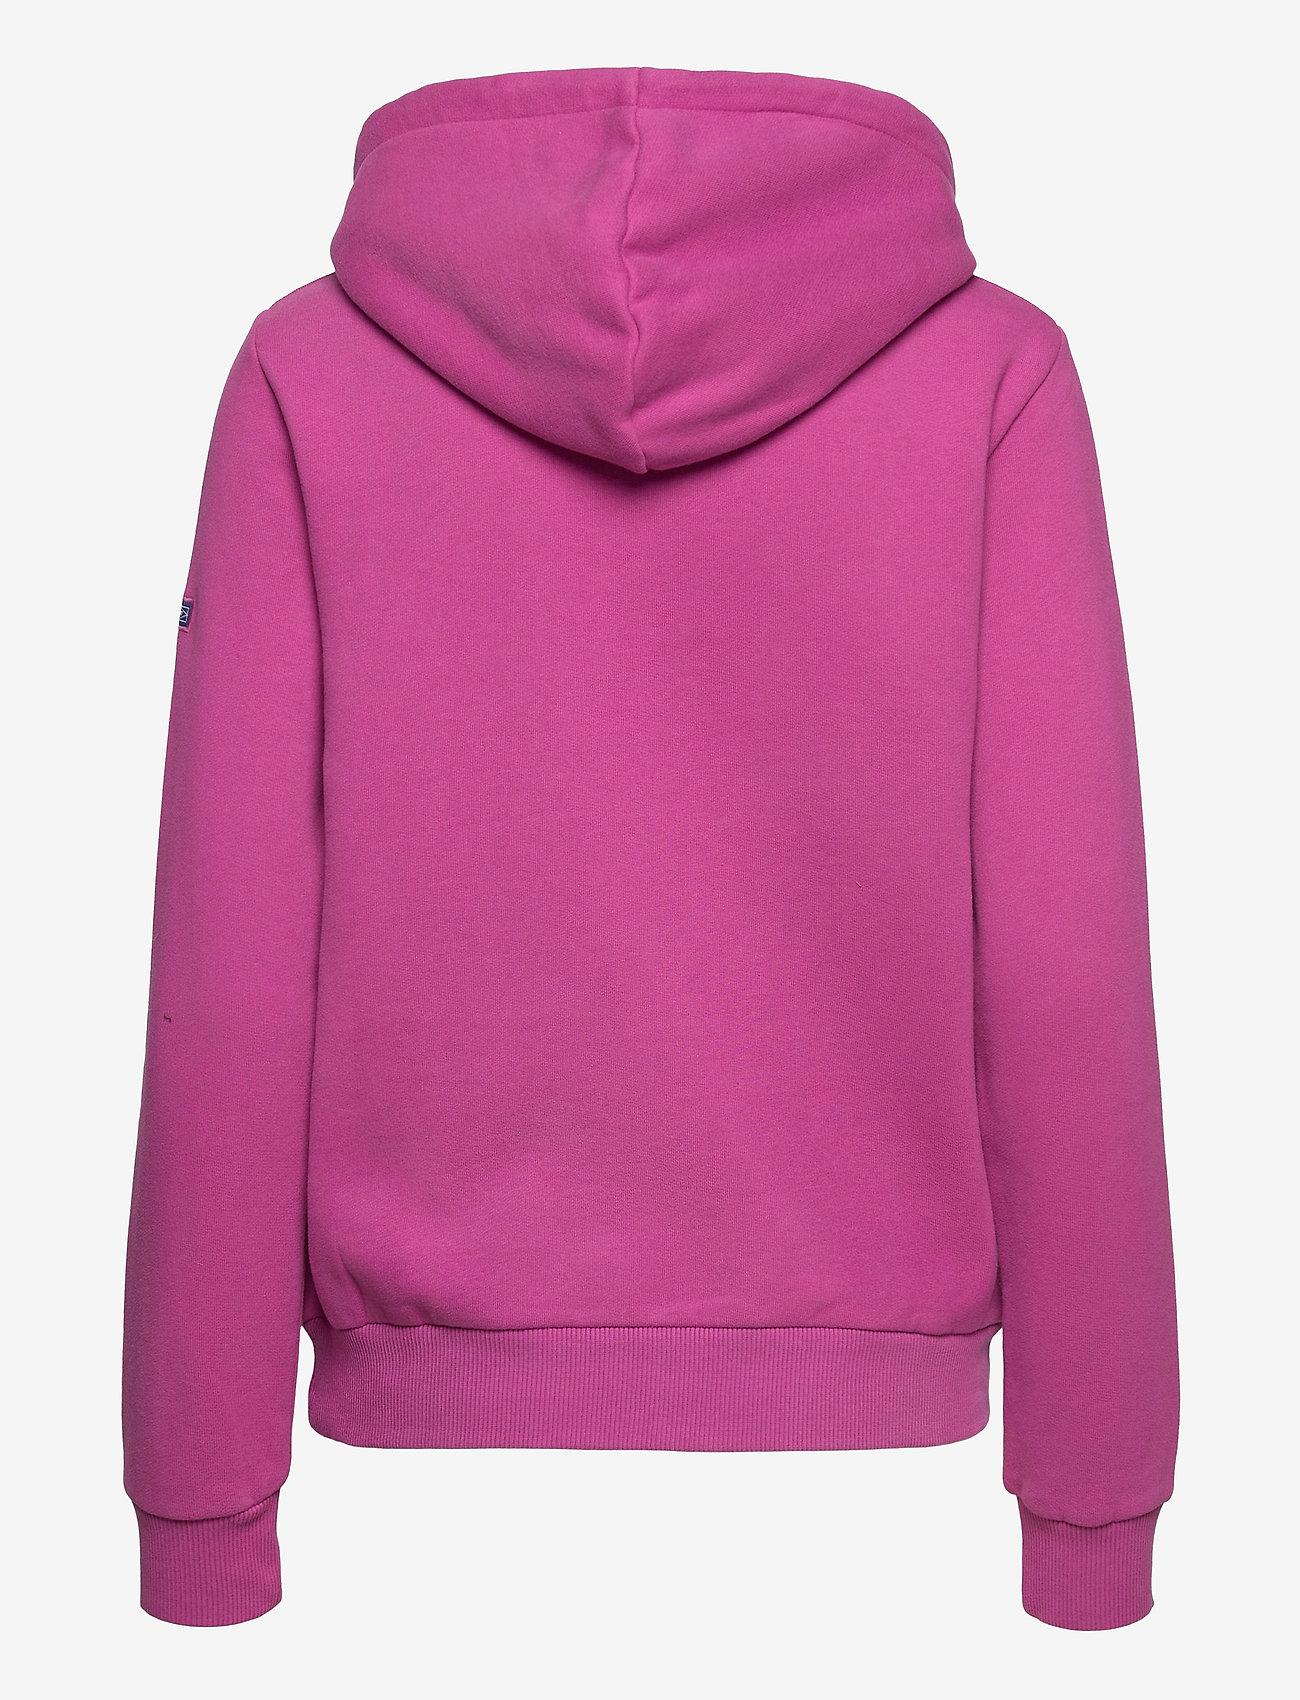 Superdry - CL WORKWEAR HOOD - hoodies - dusty wine - 1